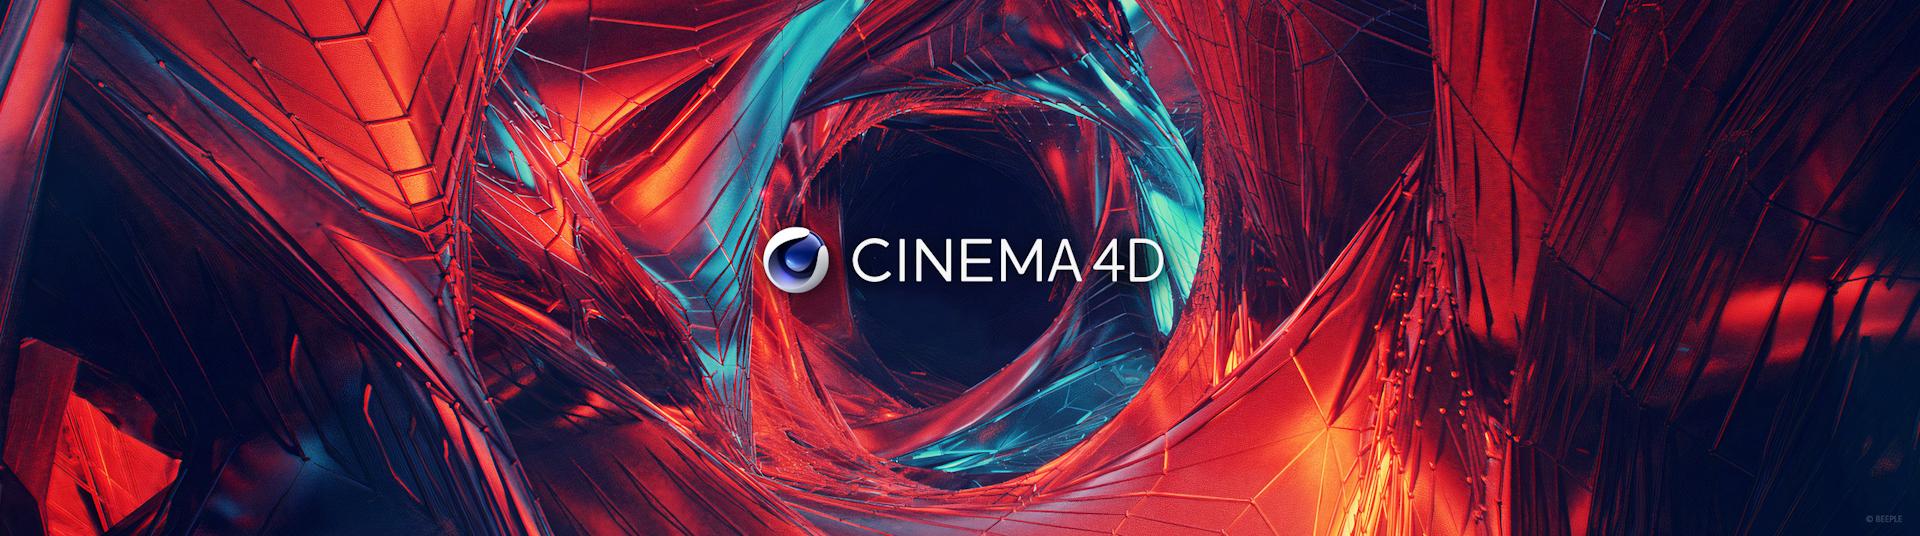 Cinema 8D Overview! - Maxon